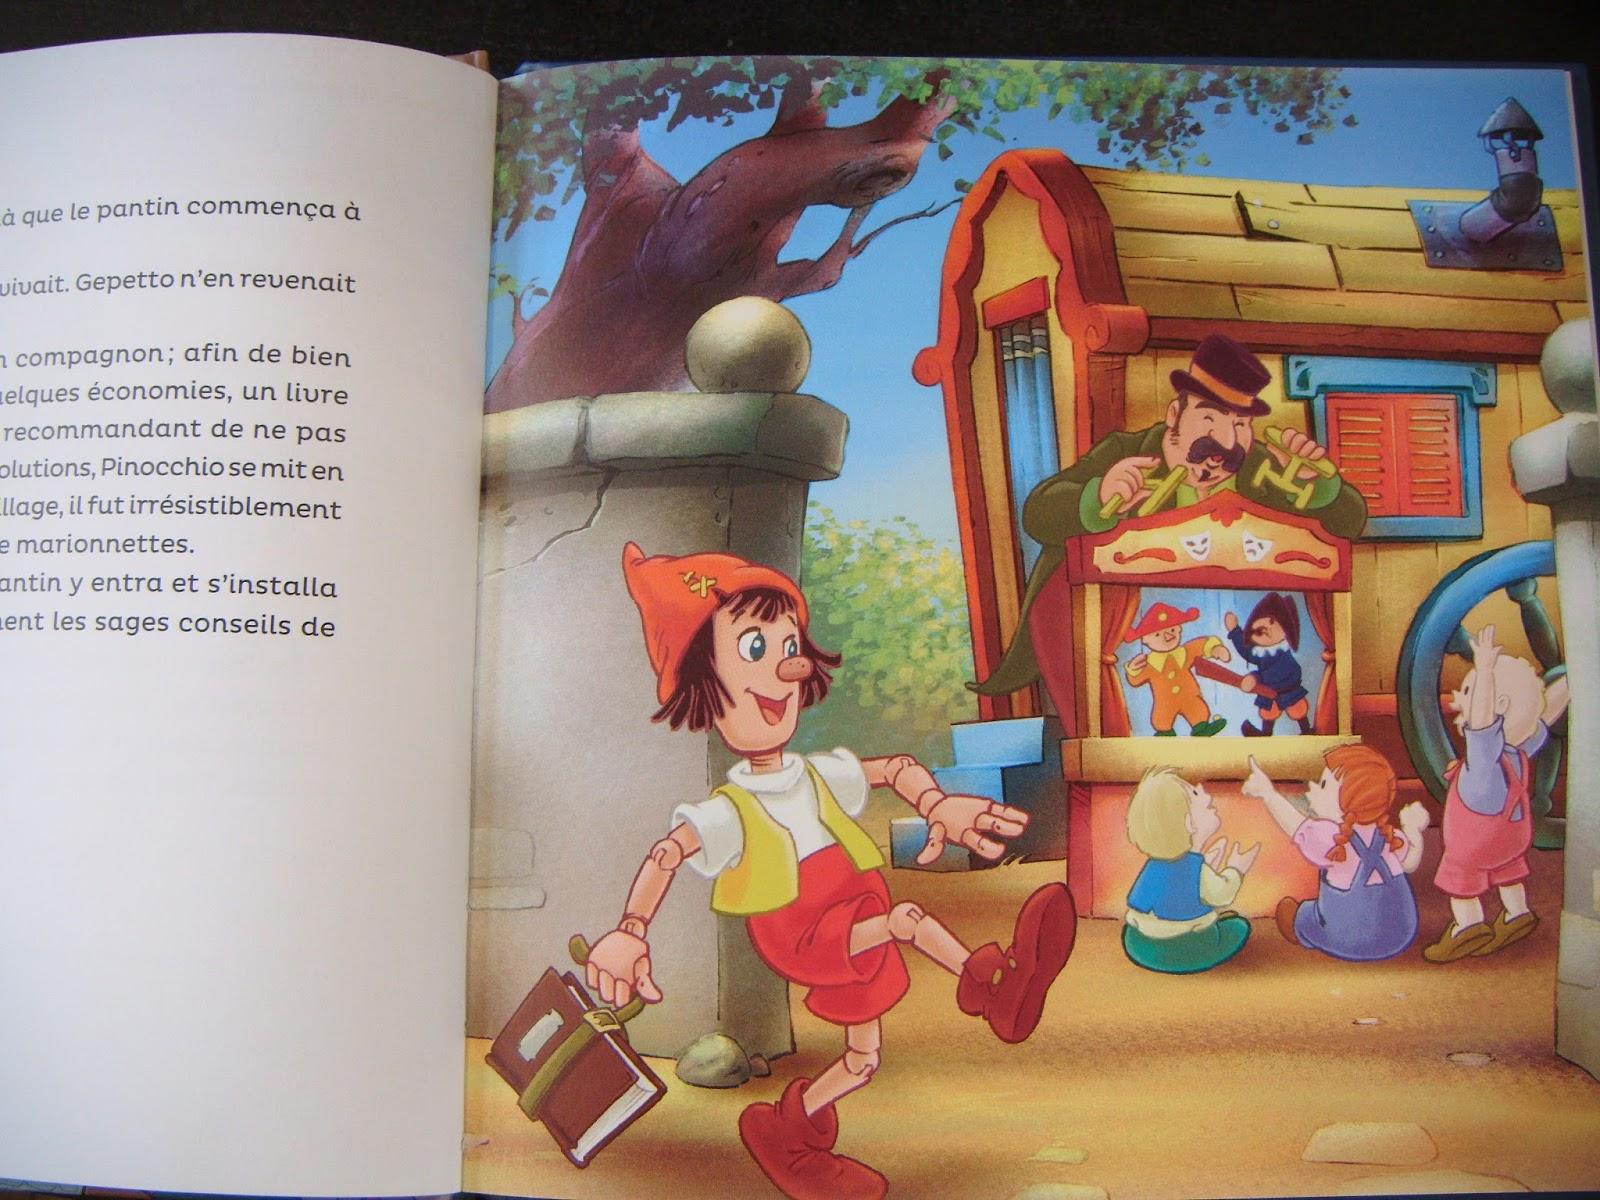 Carnets d 39 eimelle th tre lecture voyage tours avignon pinocchio carlo collodi livre cd racont - Chat dans pinocchio ...